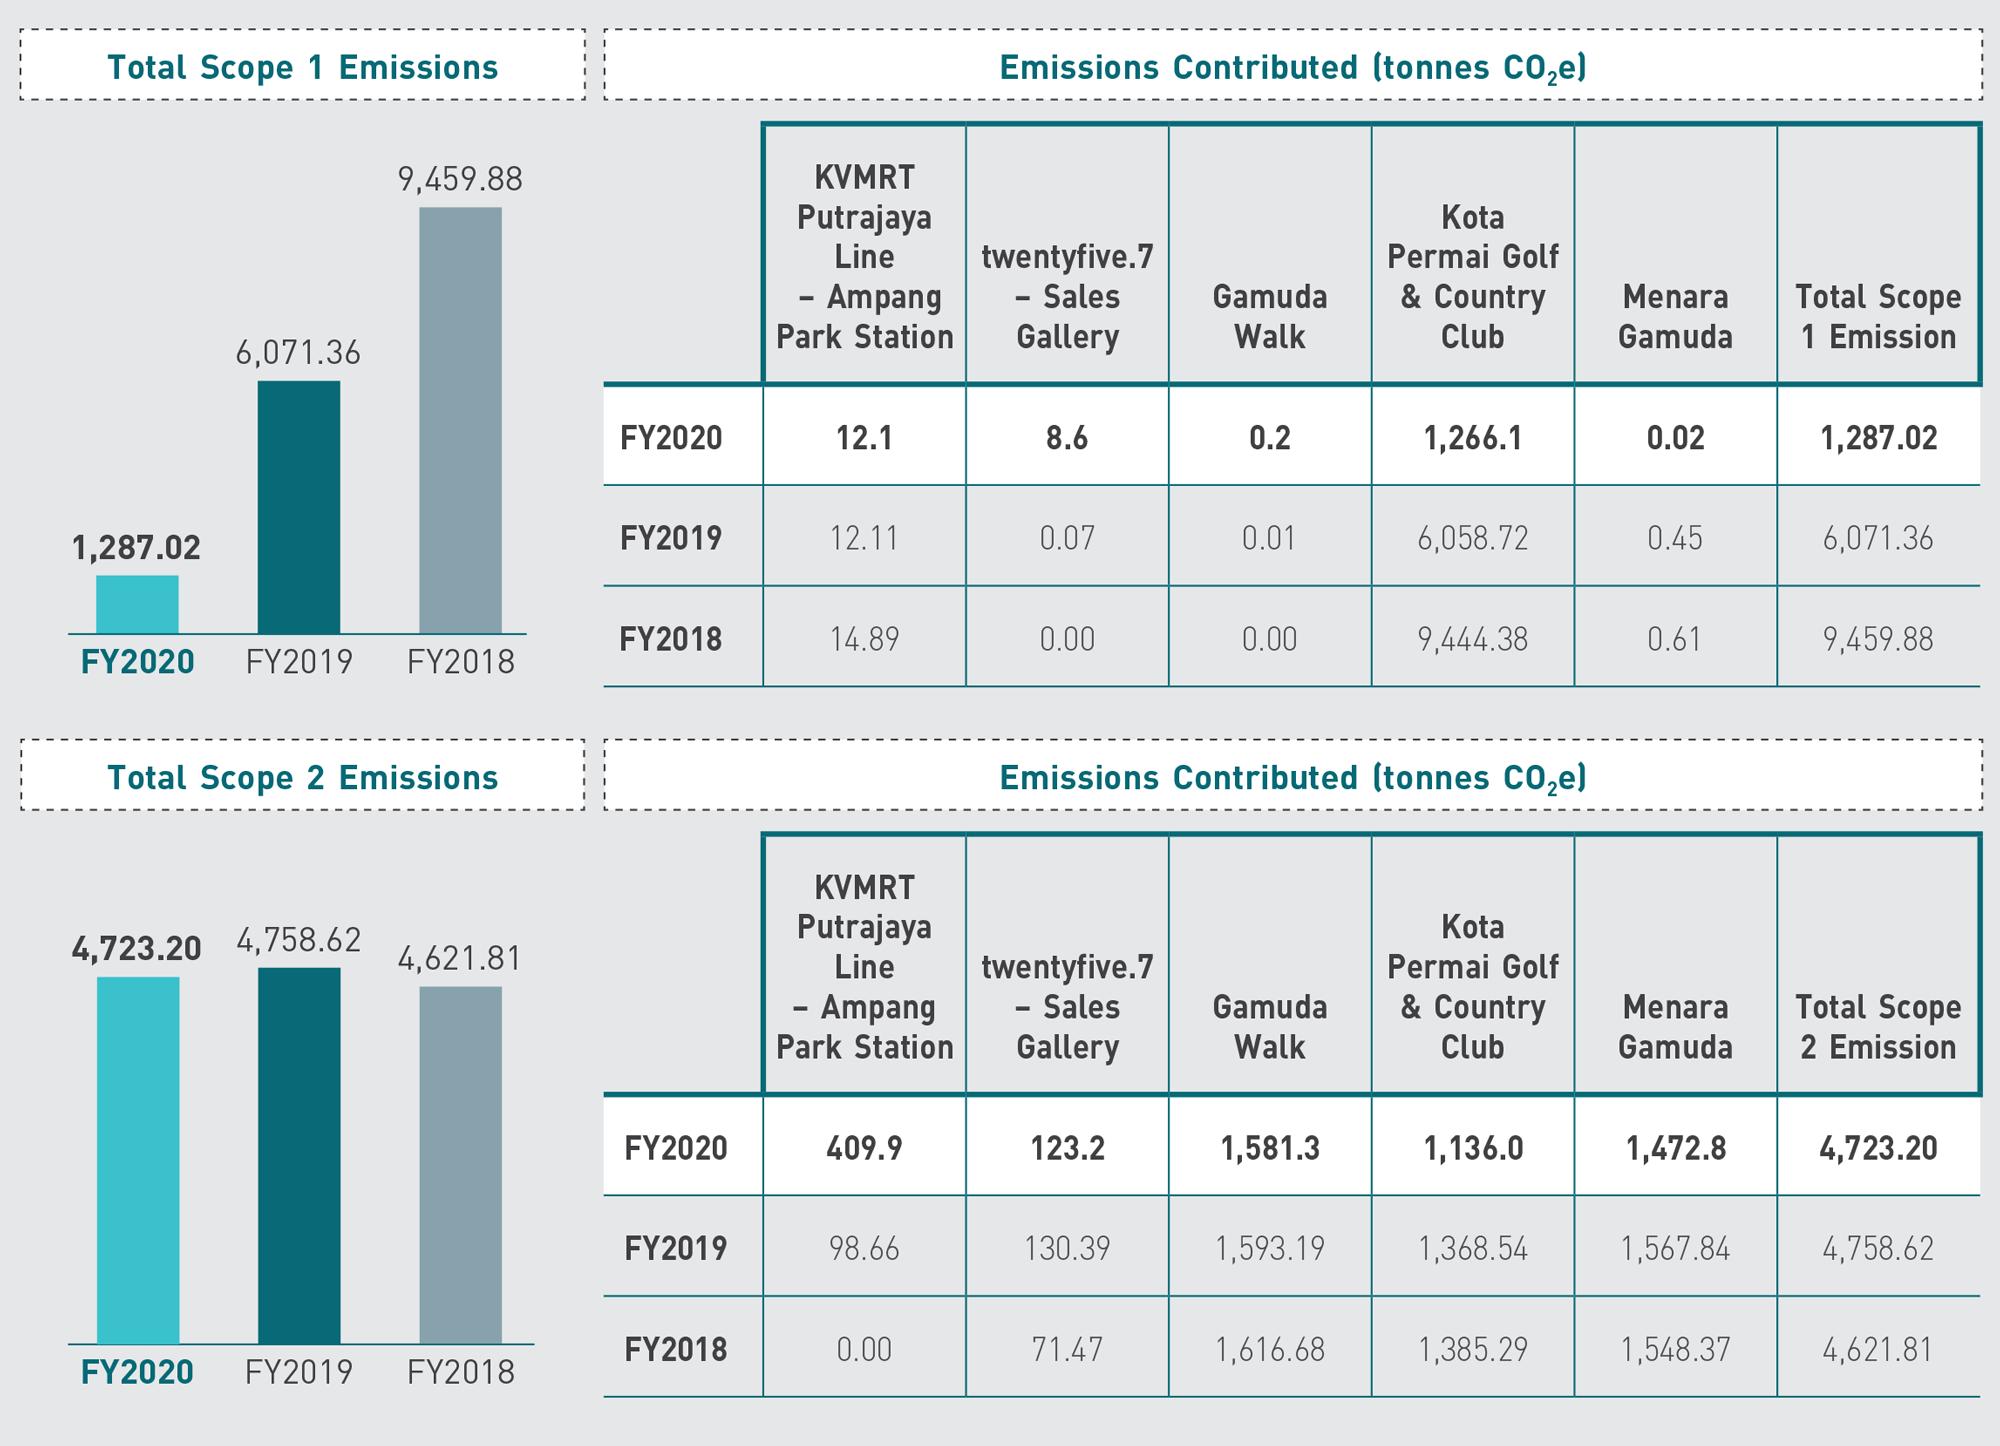 Sustainability - Emissions